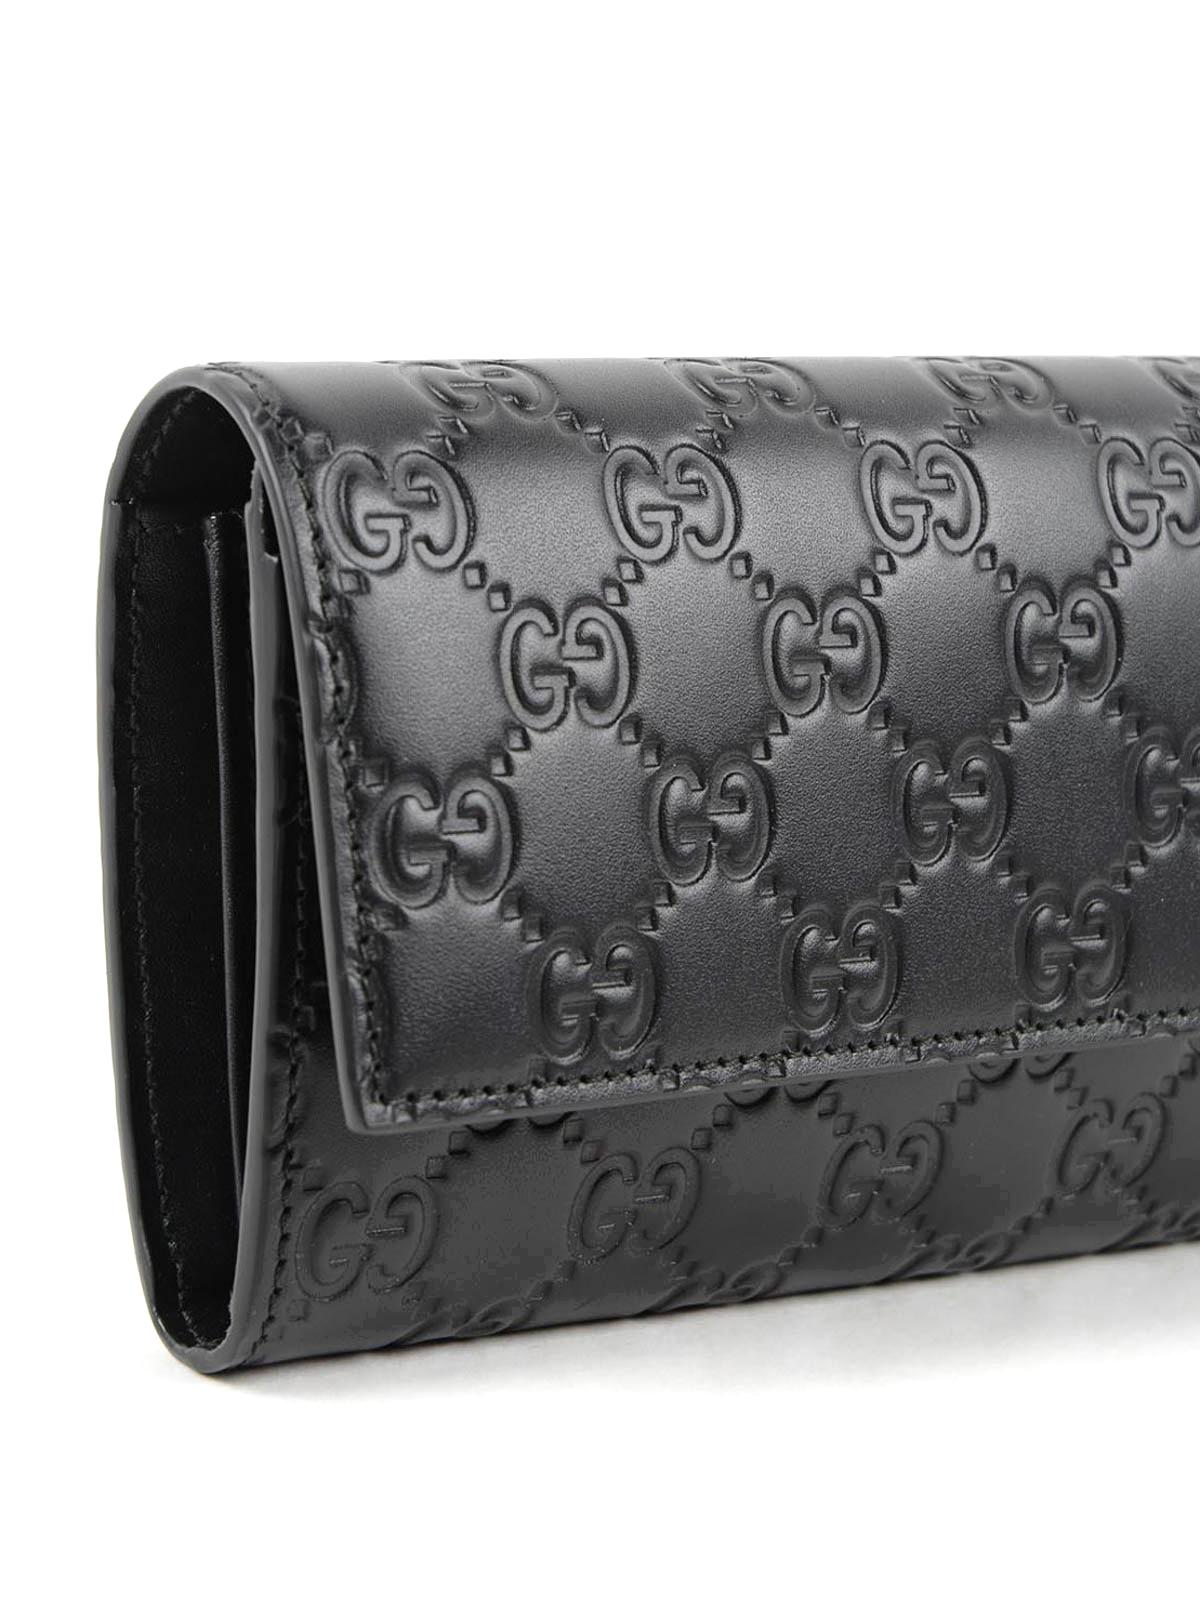 cb35e5f0559b Gucci - 財布 レディース - 黒 - 財布&ポーチ - 410100 CWC1G 1000